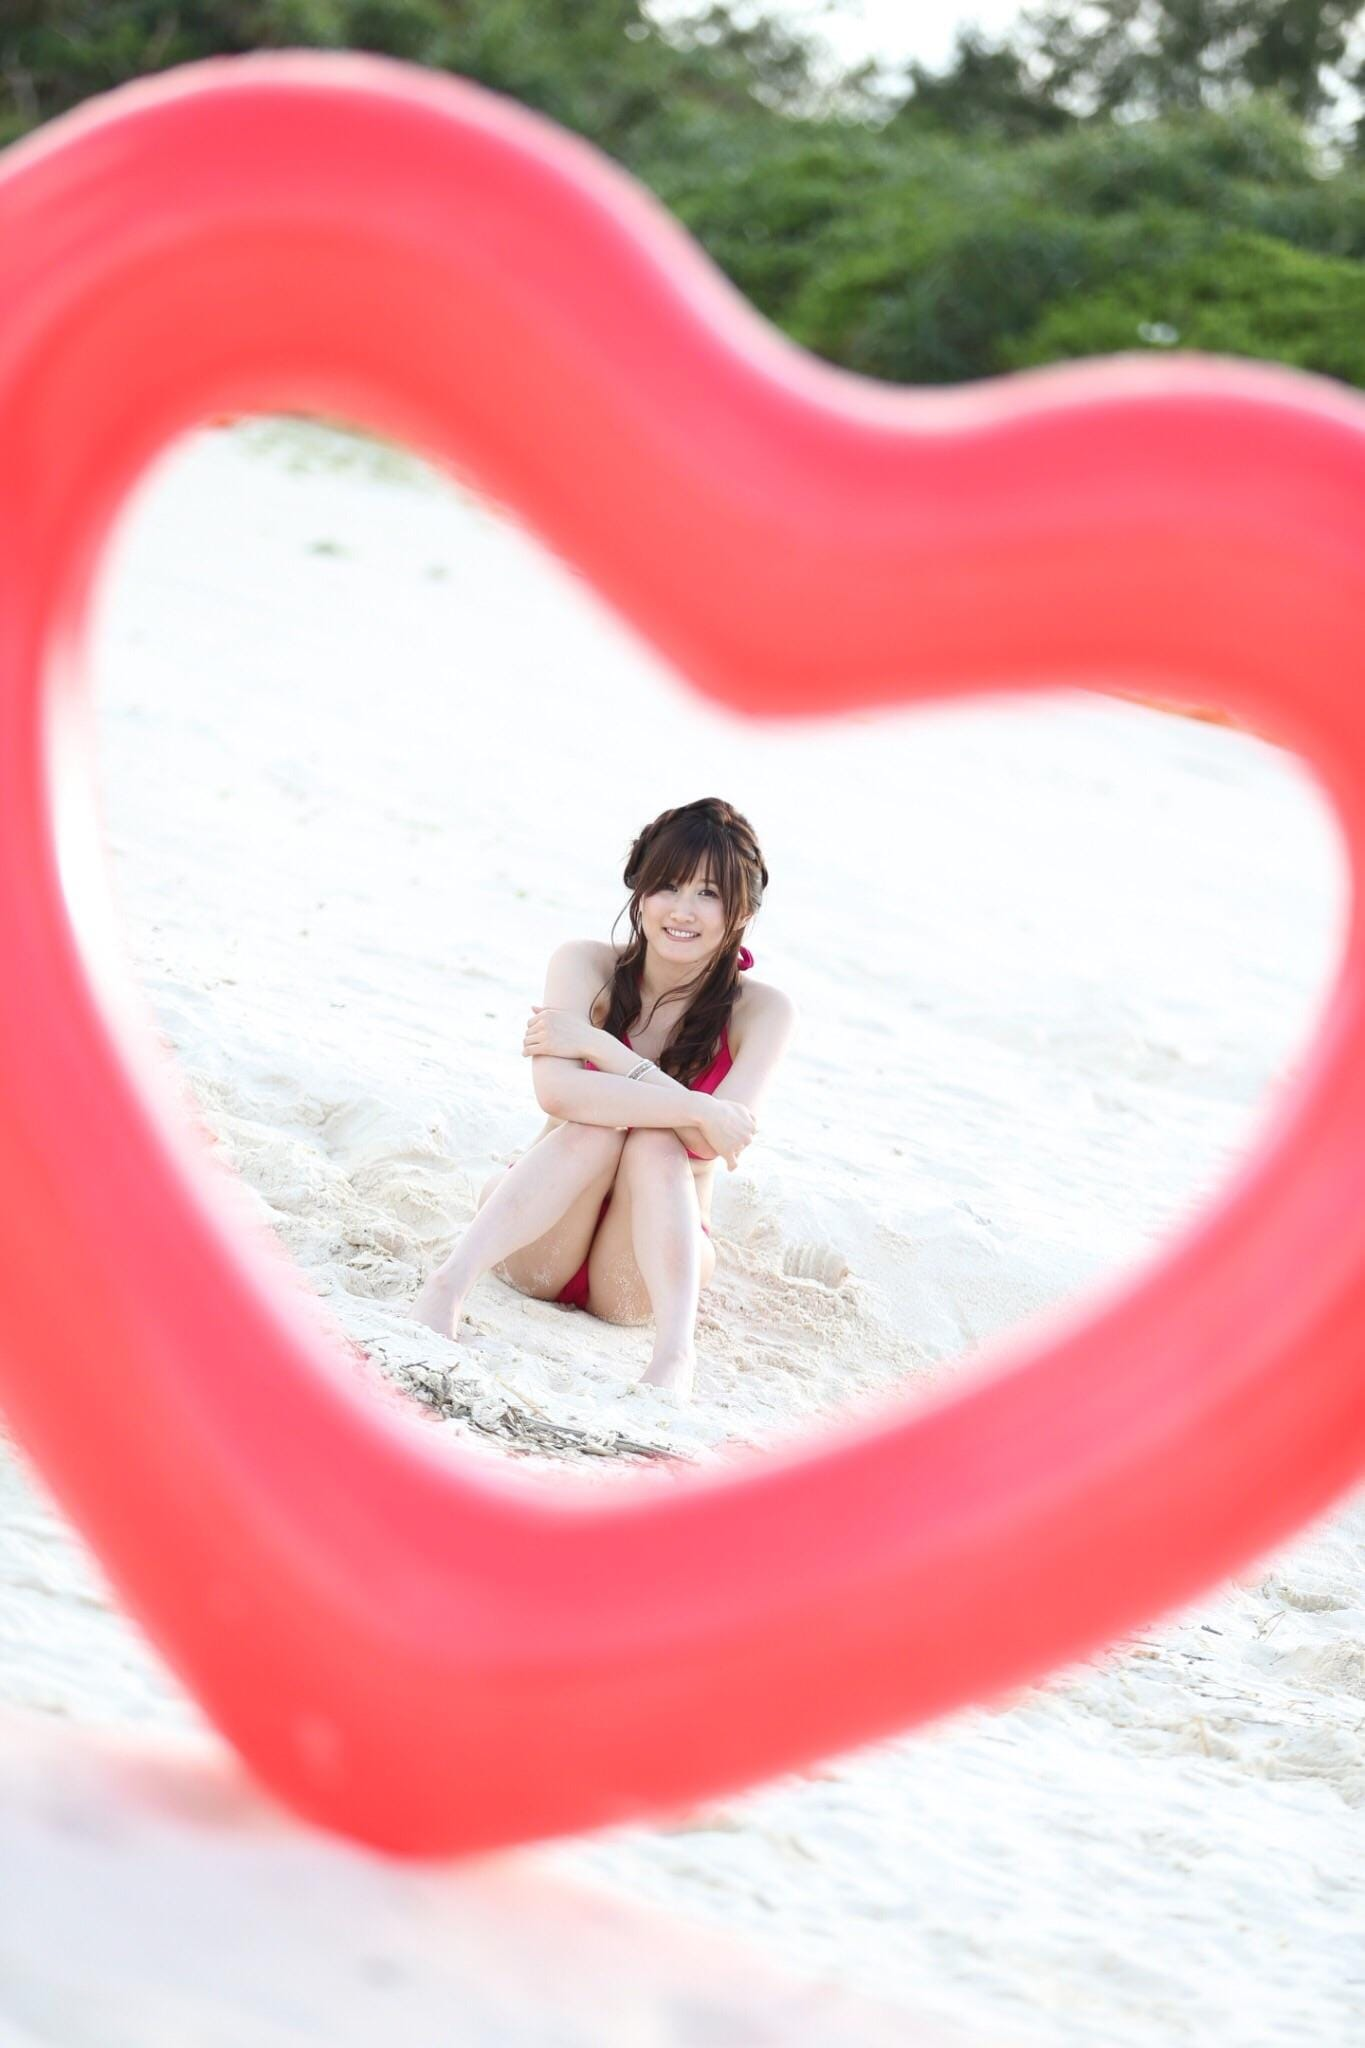 「ありがとう」06/09(土) 22:31 | あやめの写メ・風俗動画